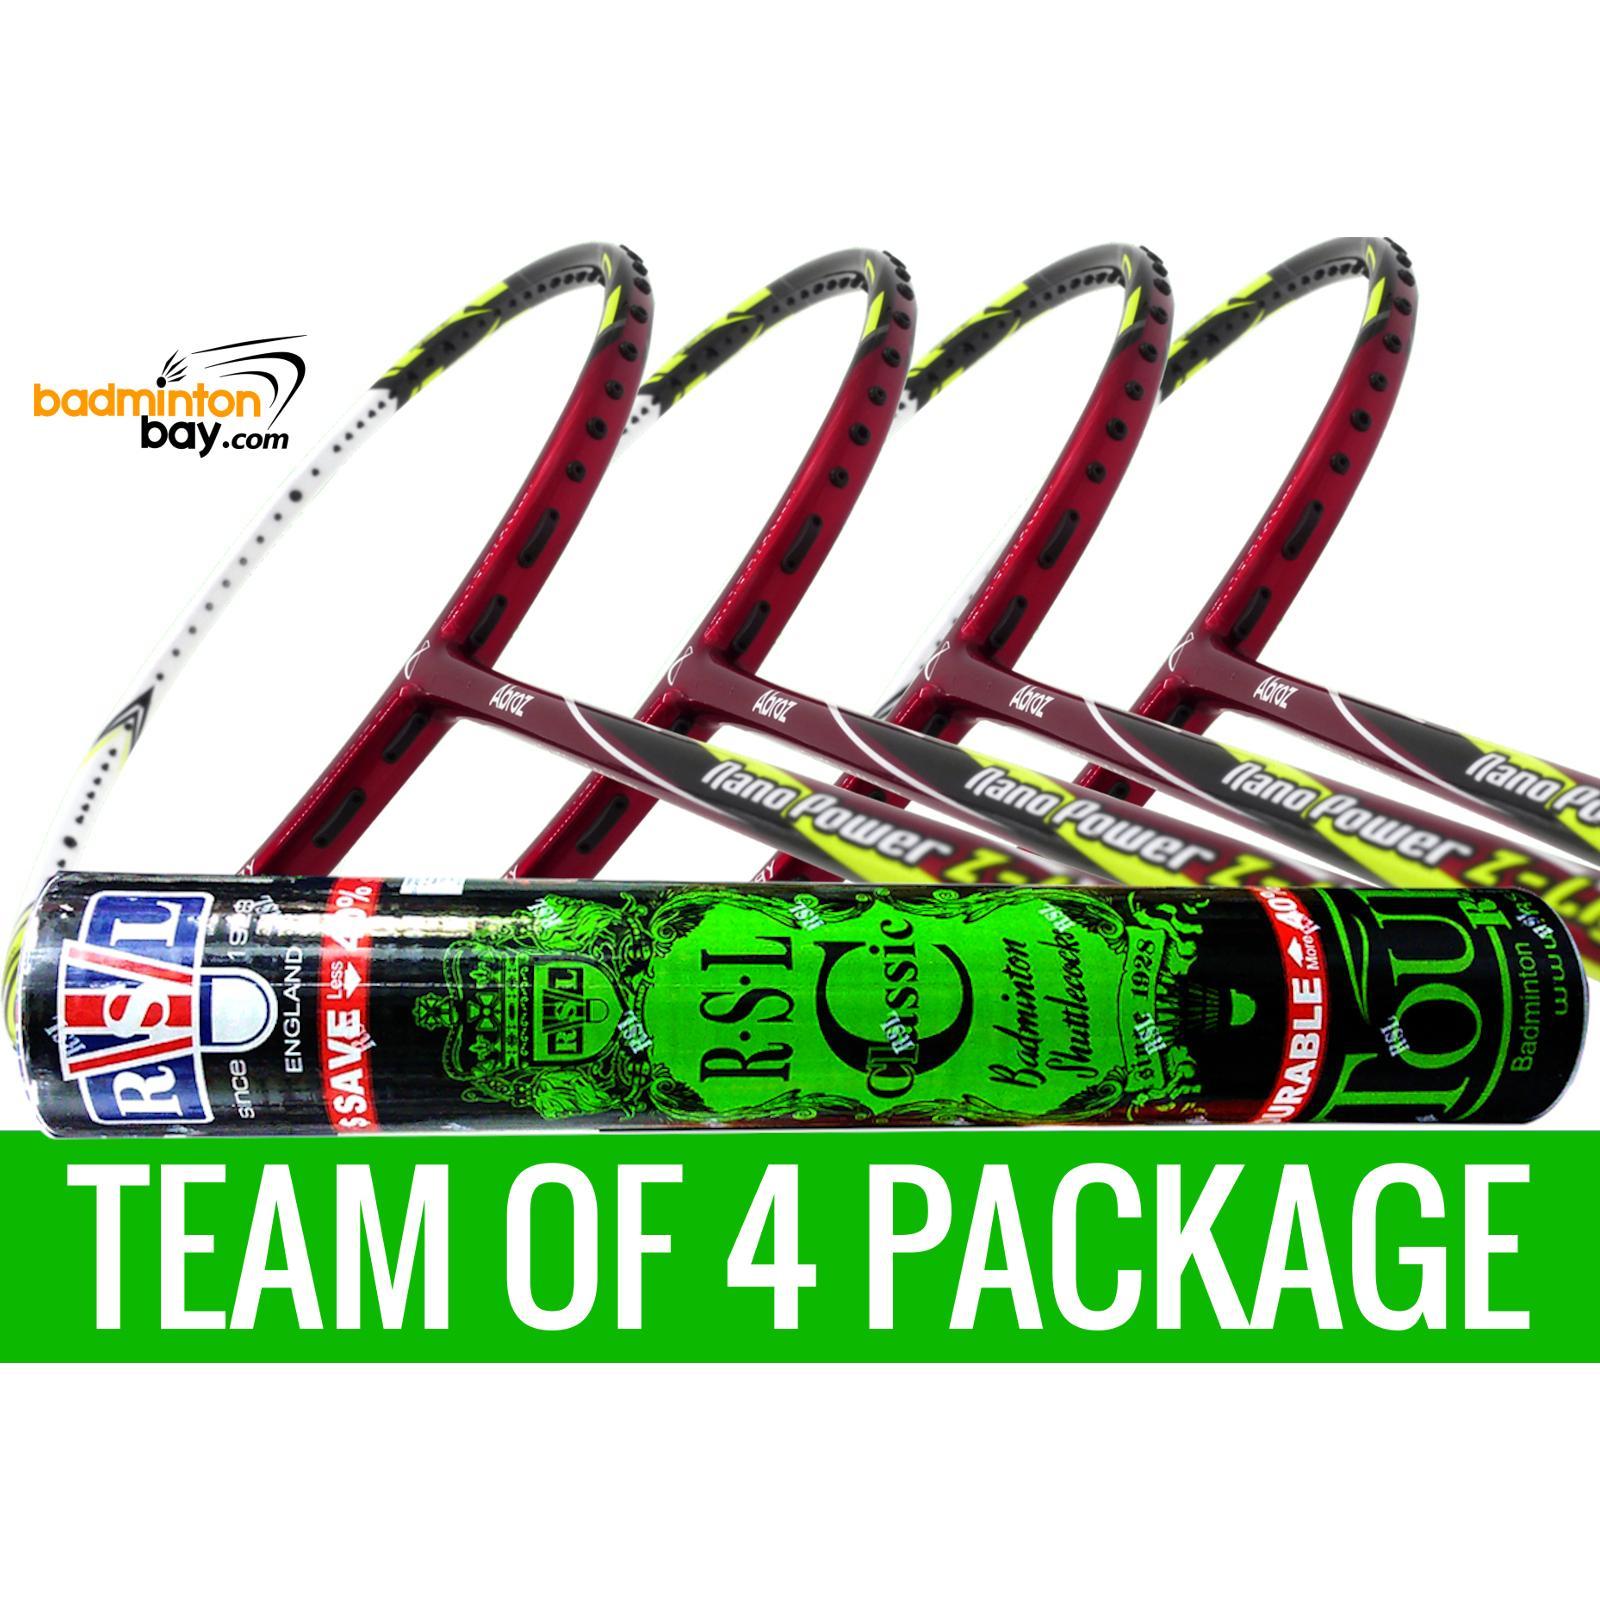 Team Package: 1 Tube RSL Classic Shuttlecocks + 4 Rackets ...